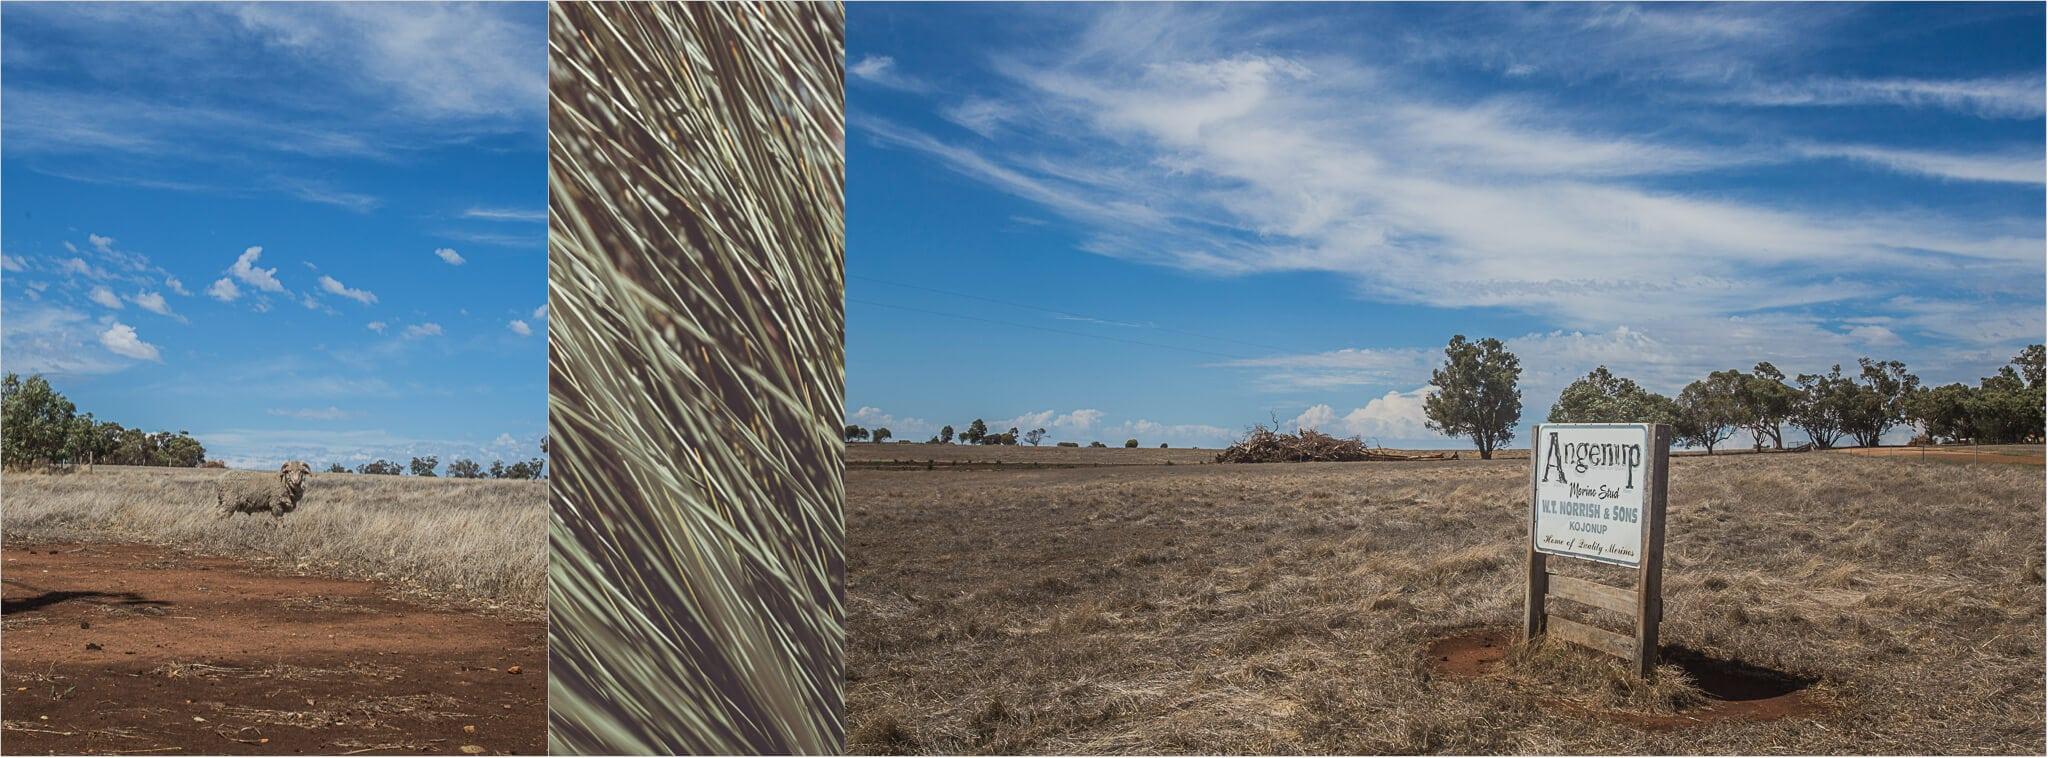 Schafsfarm im australischen Outback